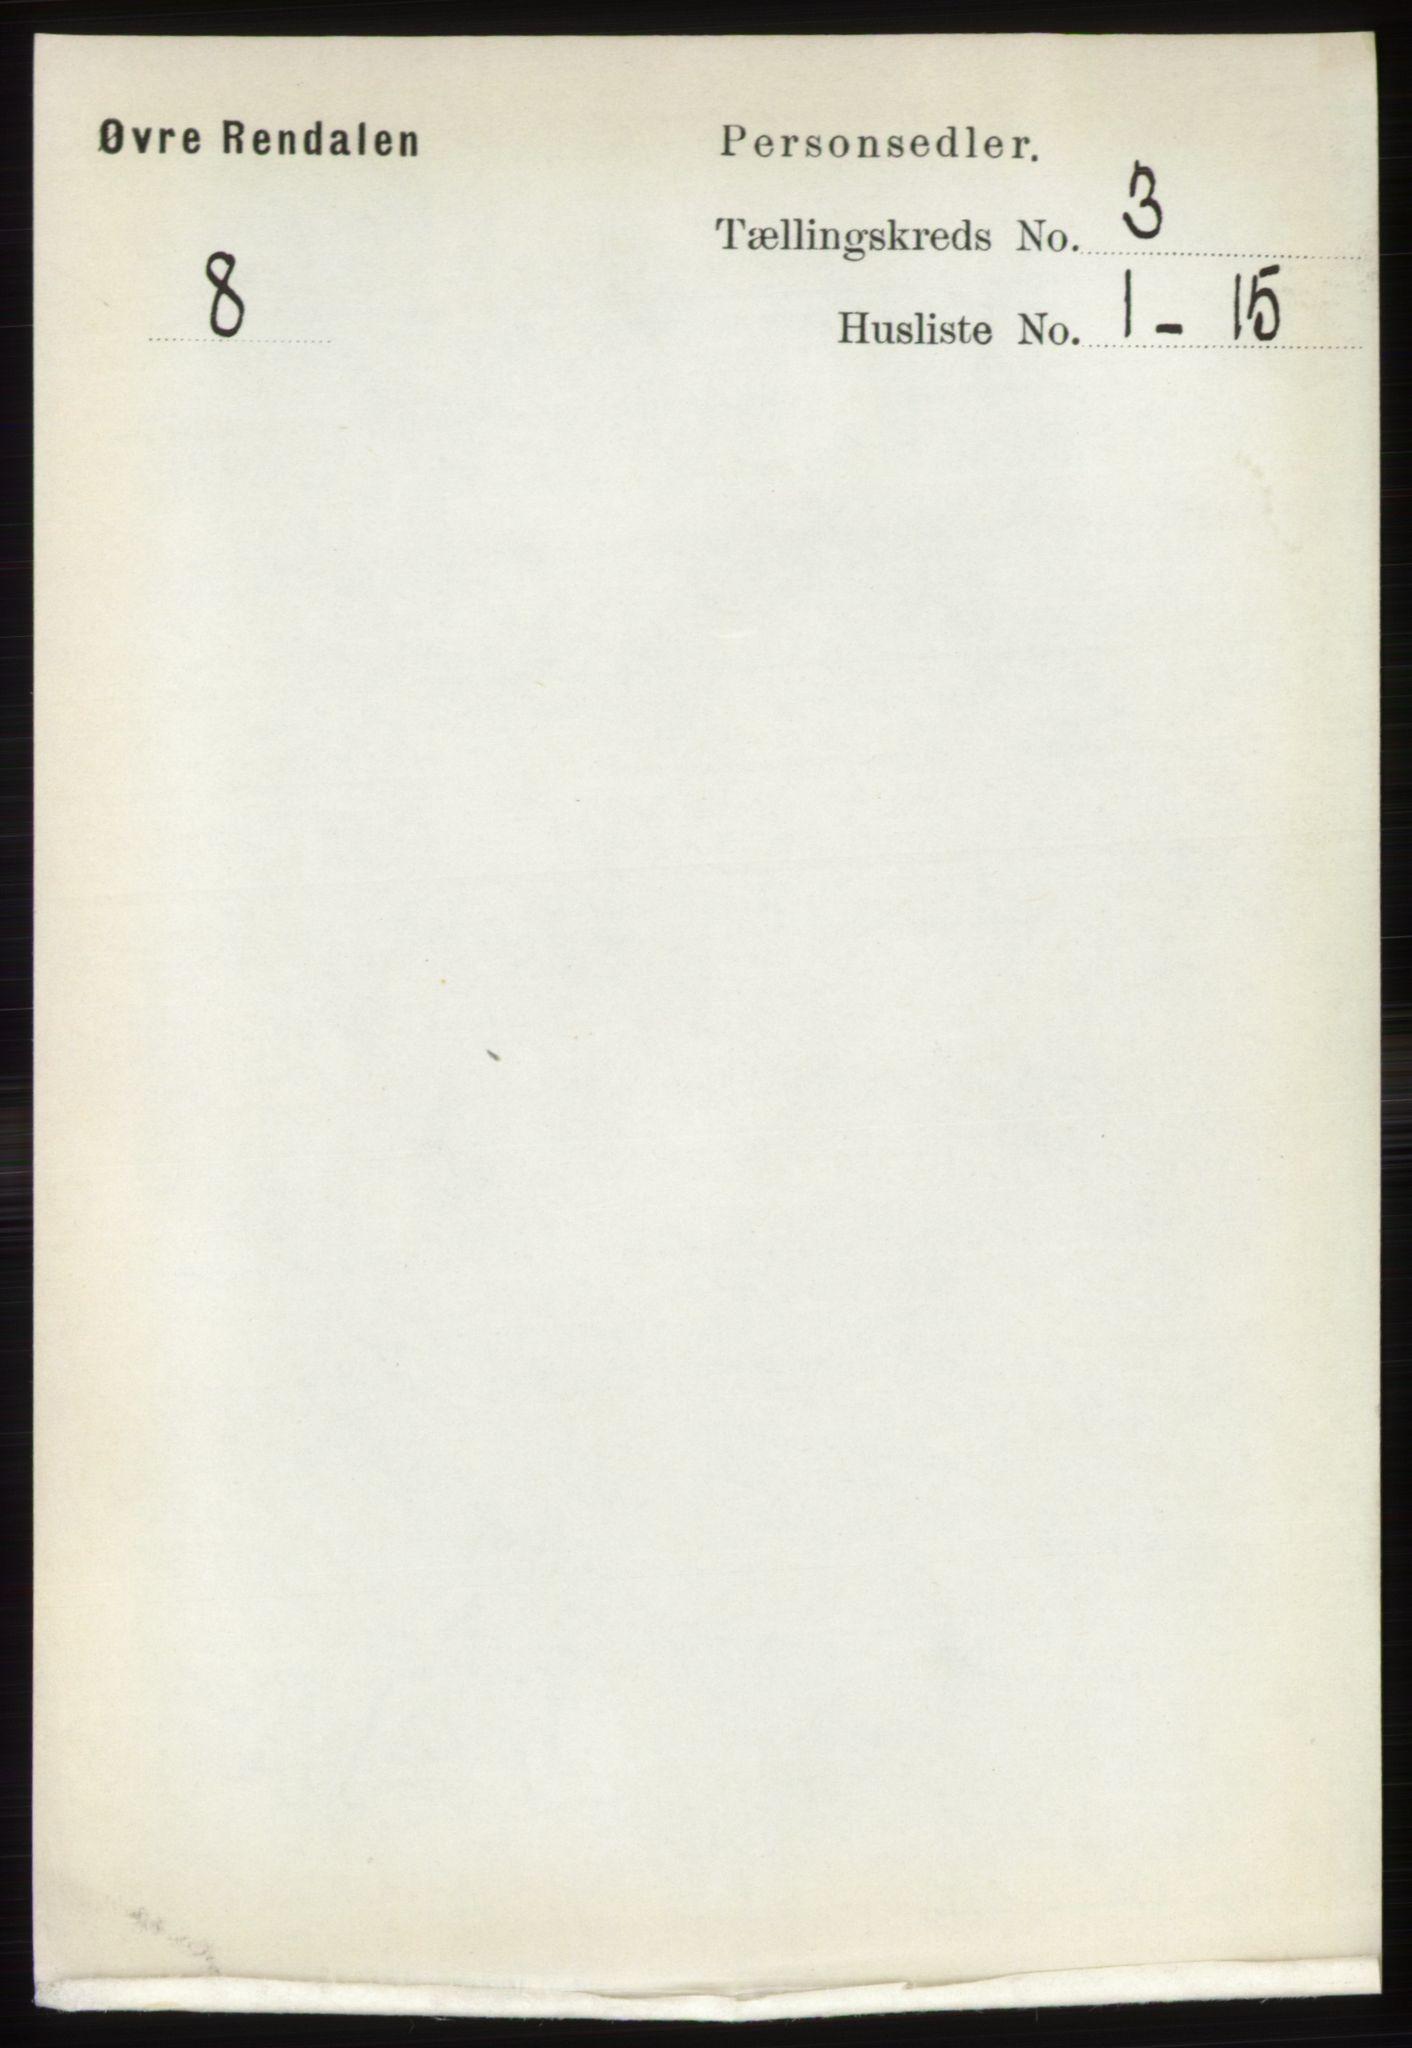 RA, Folketelling 1891 for 0433 Øvre Rendal herred, 1891, s. 817